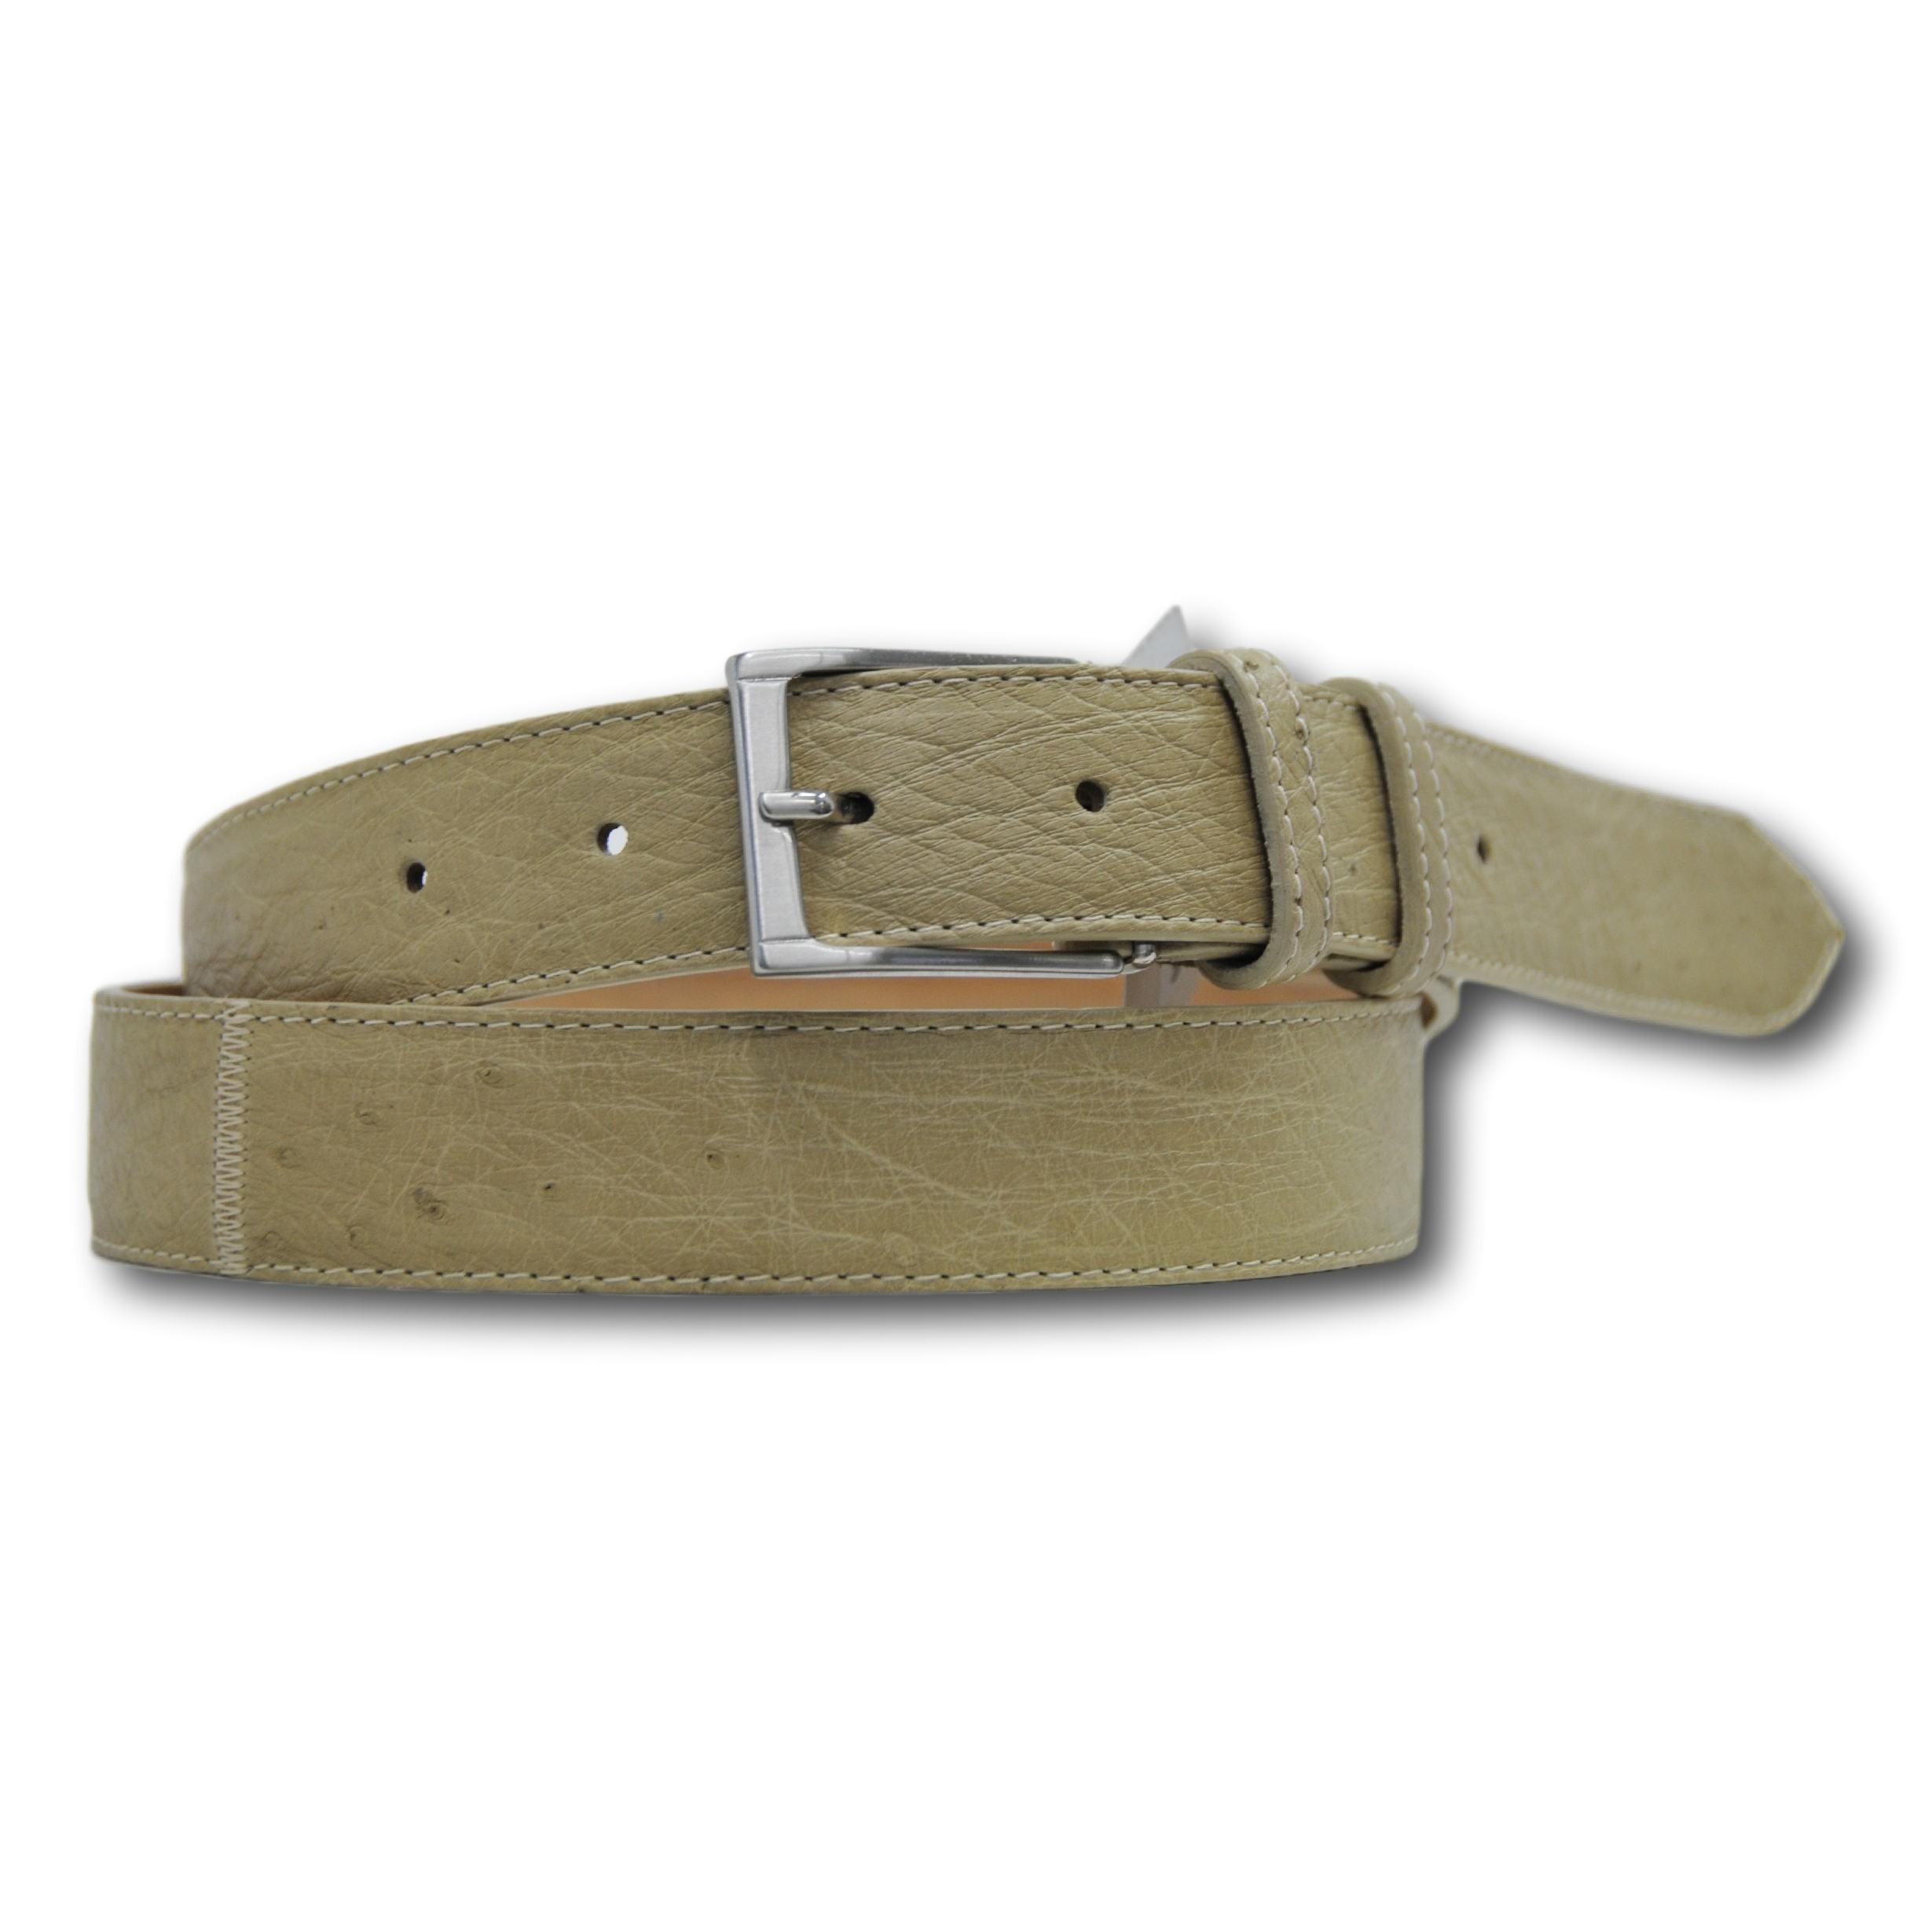 Cintura in vera pelle di struzzo unisex